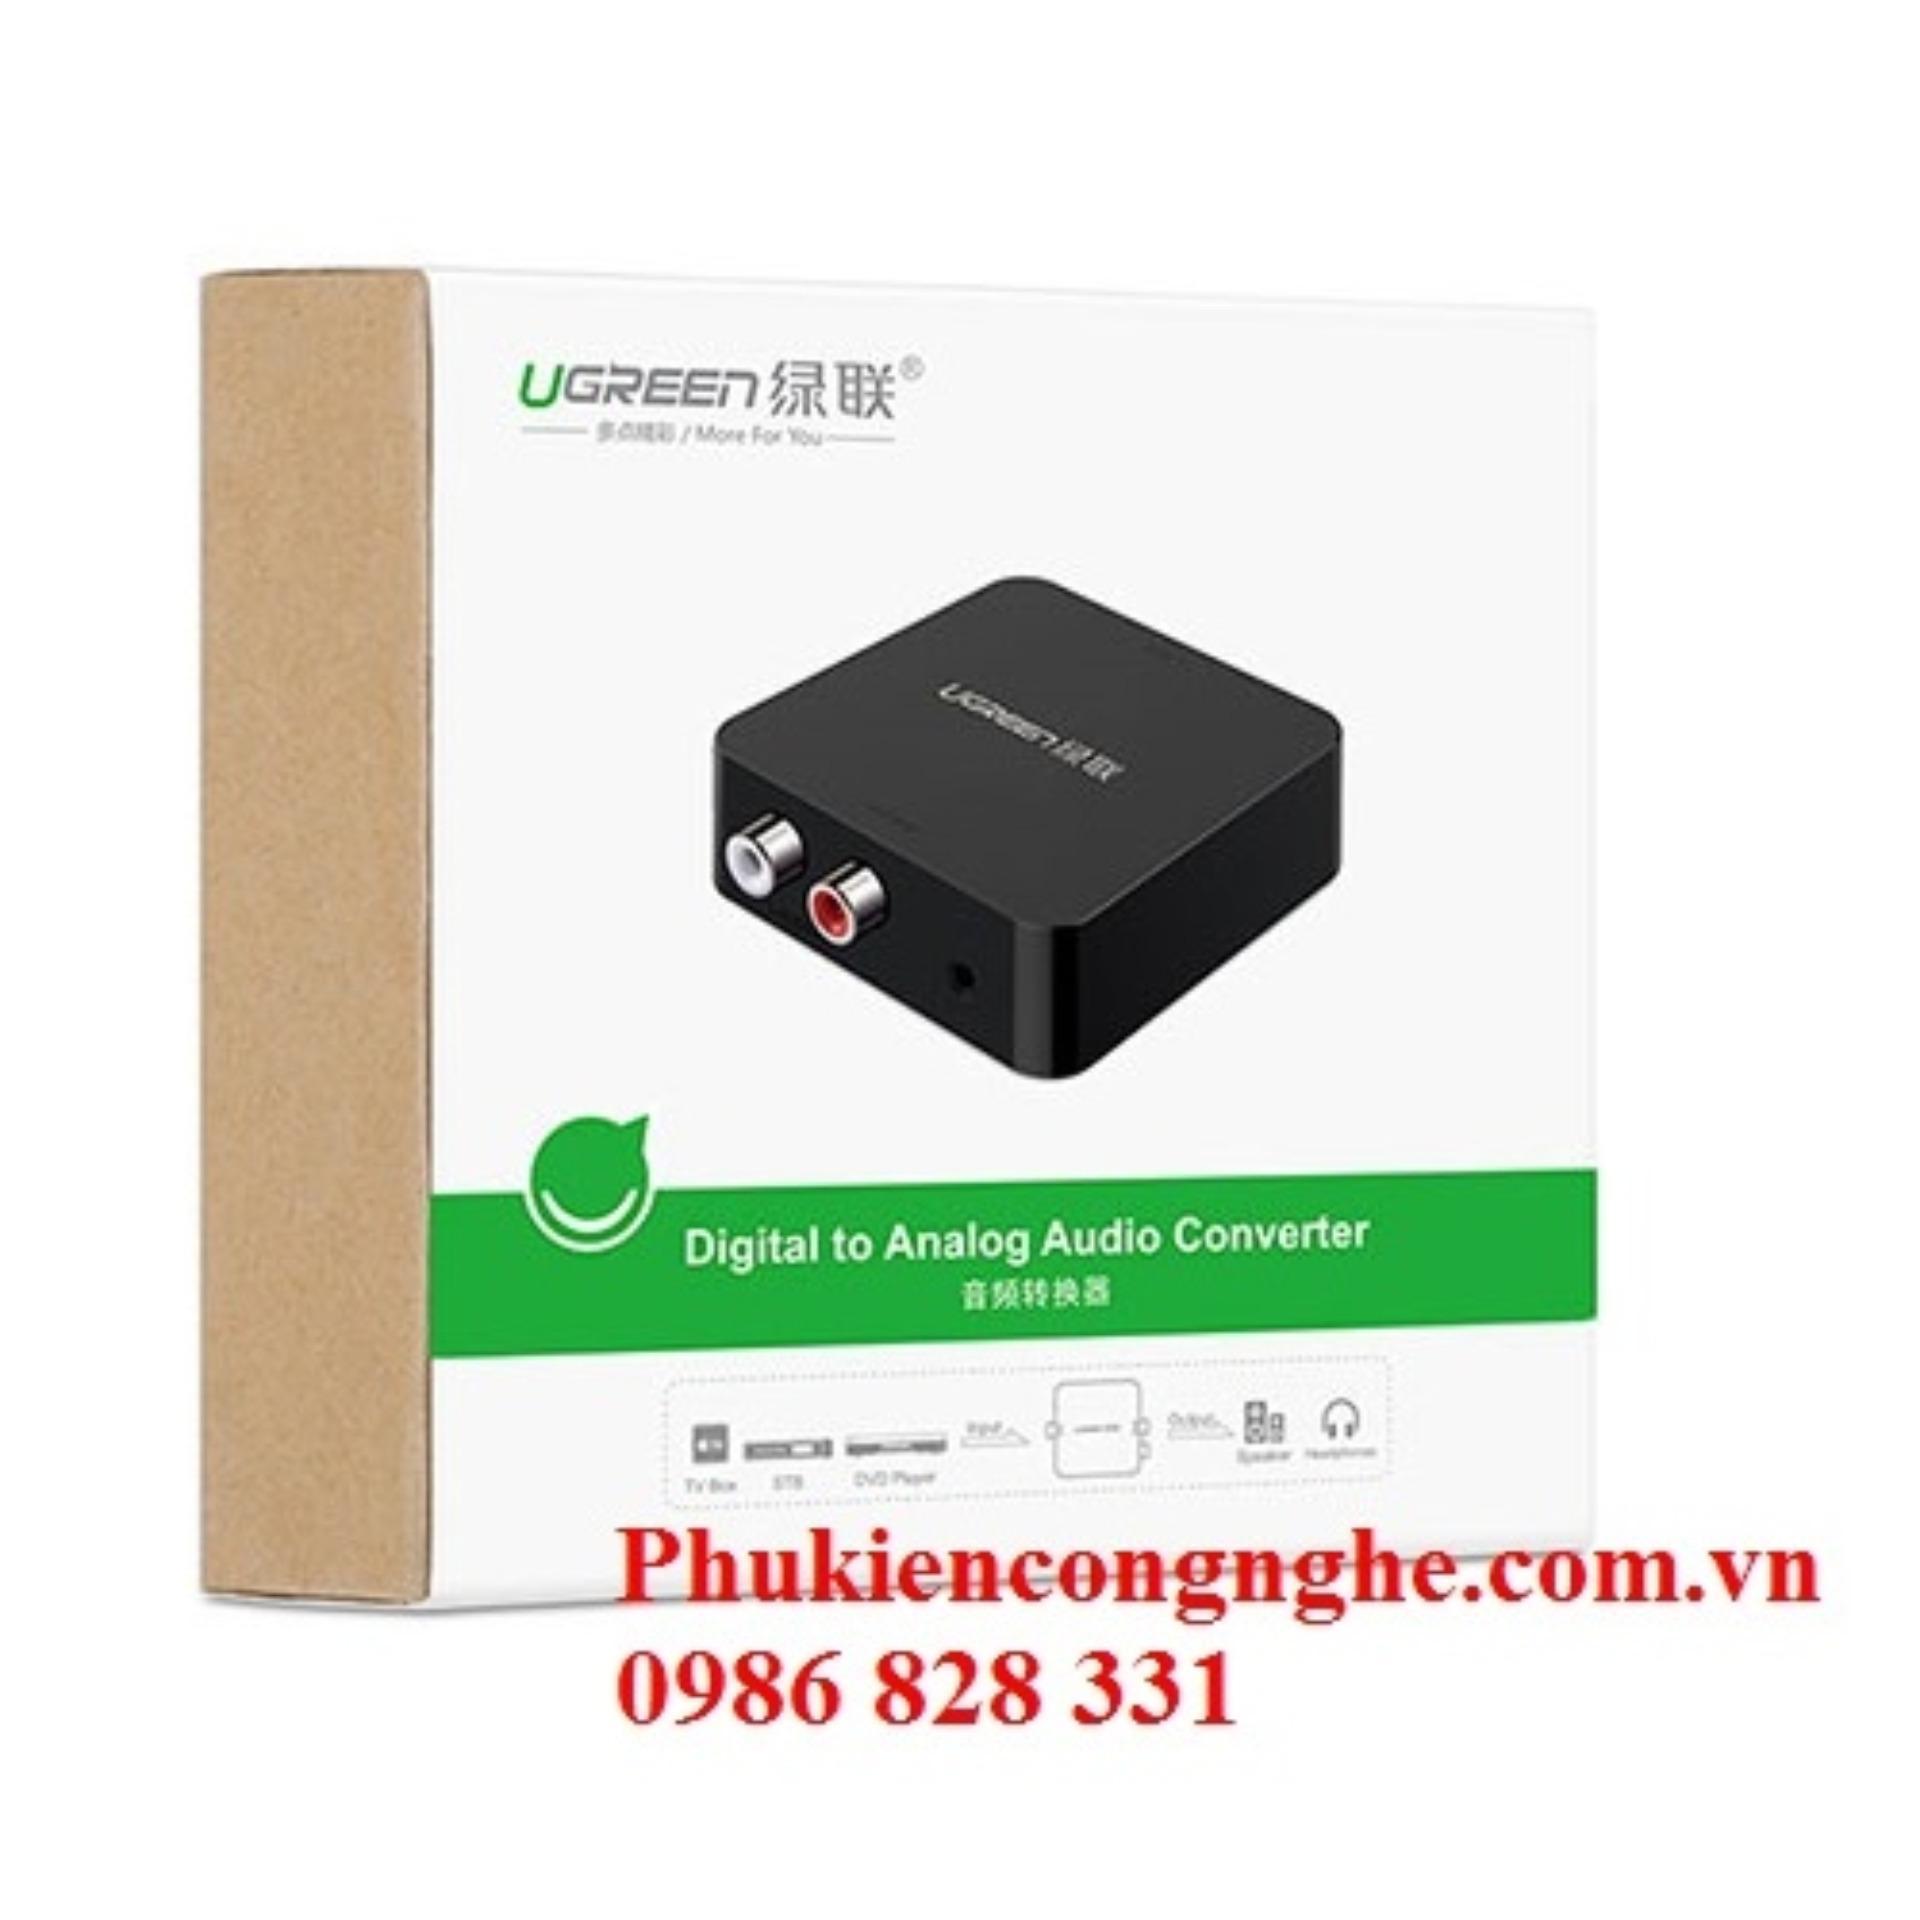 Giá KM Bộ chuyển đổi Quang sang Audio Ugreen UG-30910 (Quang to AV)